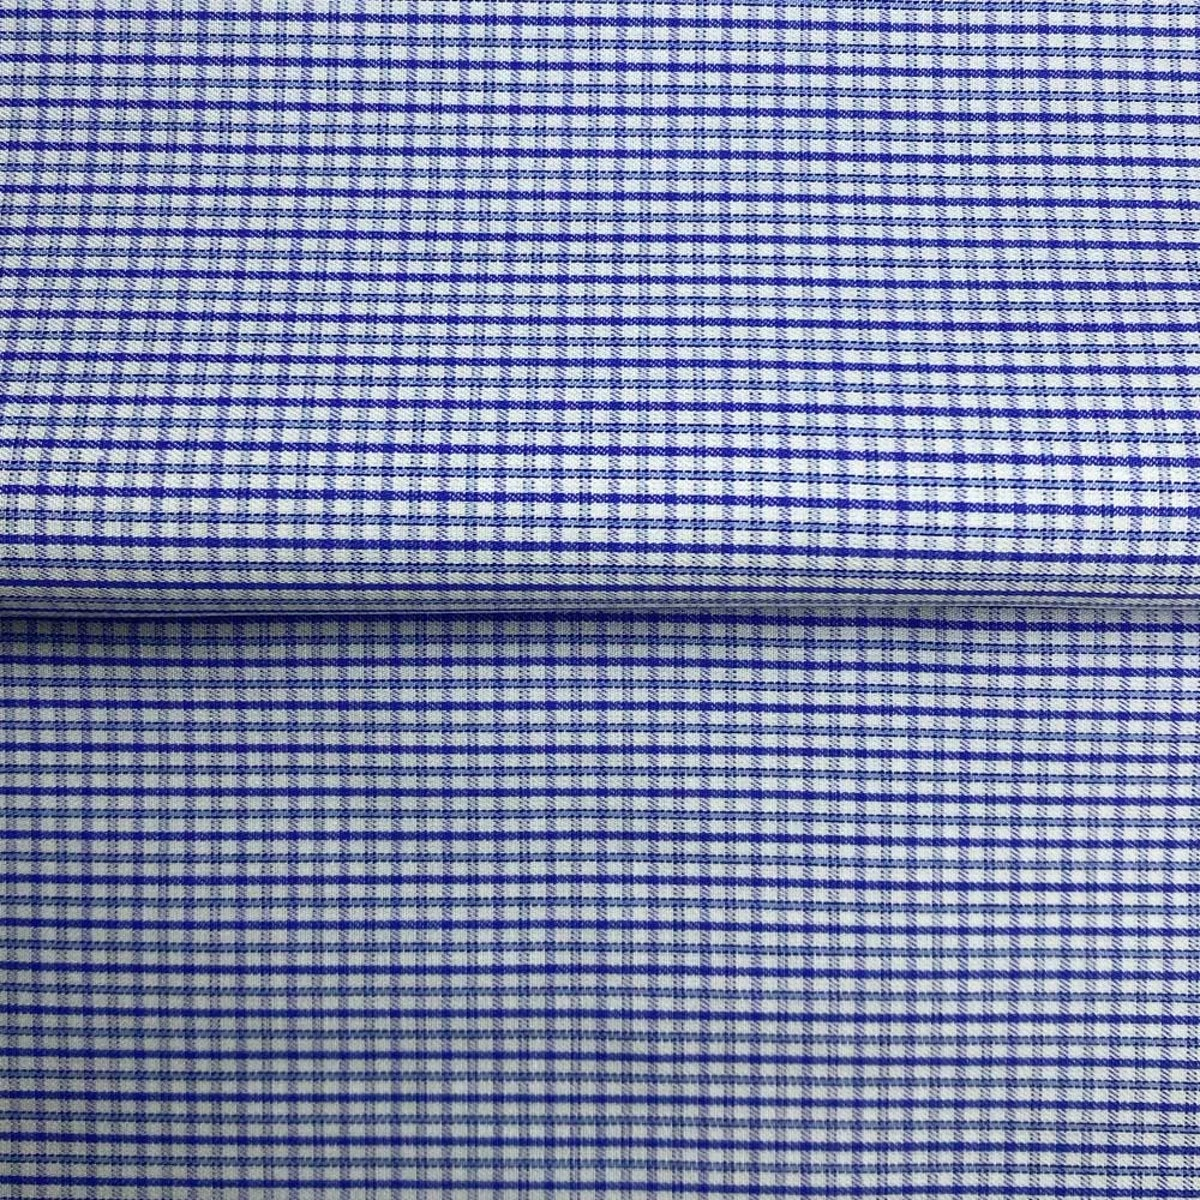 InStitchu Shirt Fabric 148